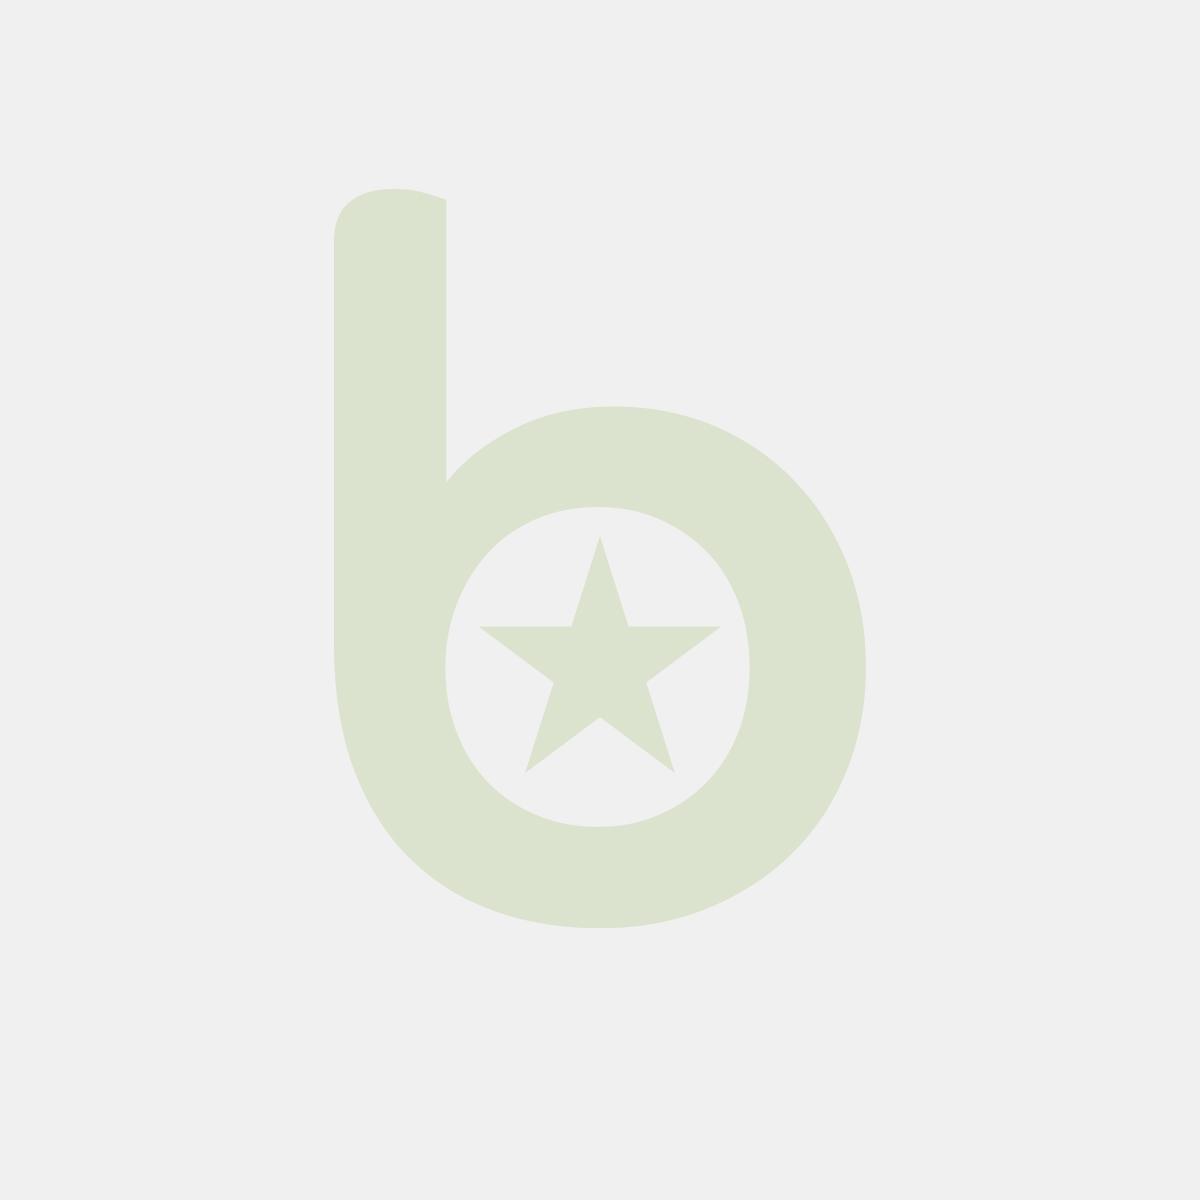 Gablota suchoś. -magn. BI-OFFICE, 9xA4, 67x93cm, biała